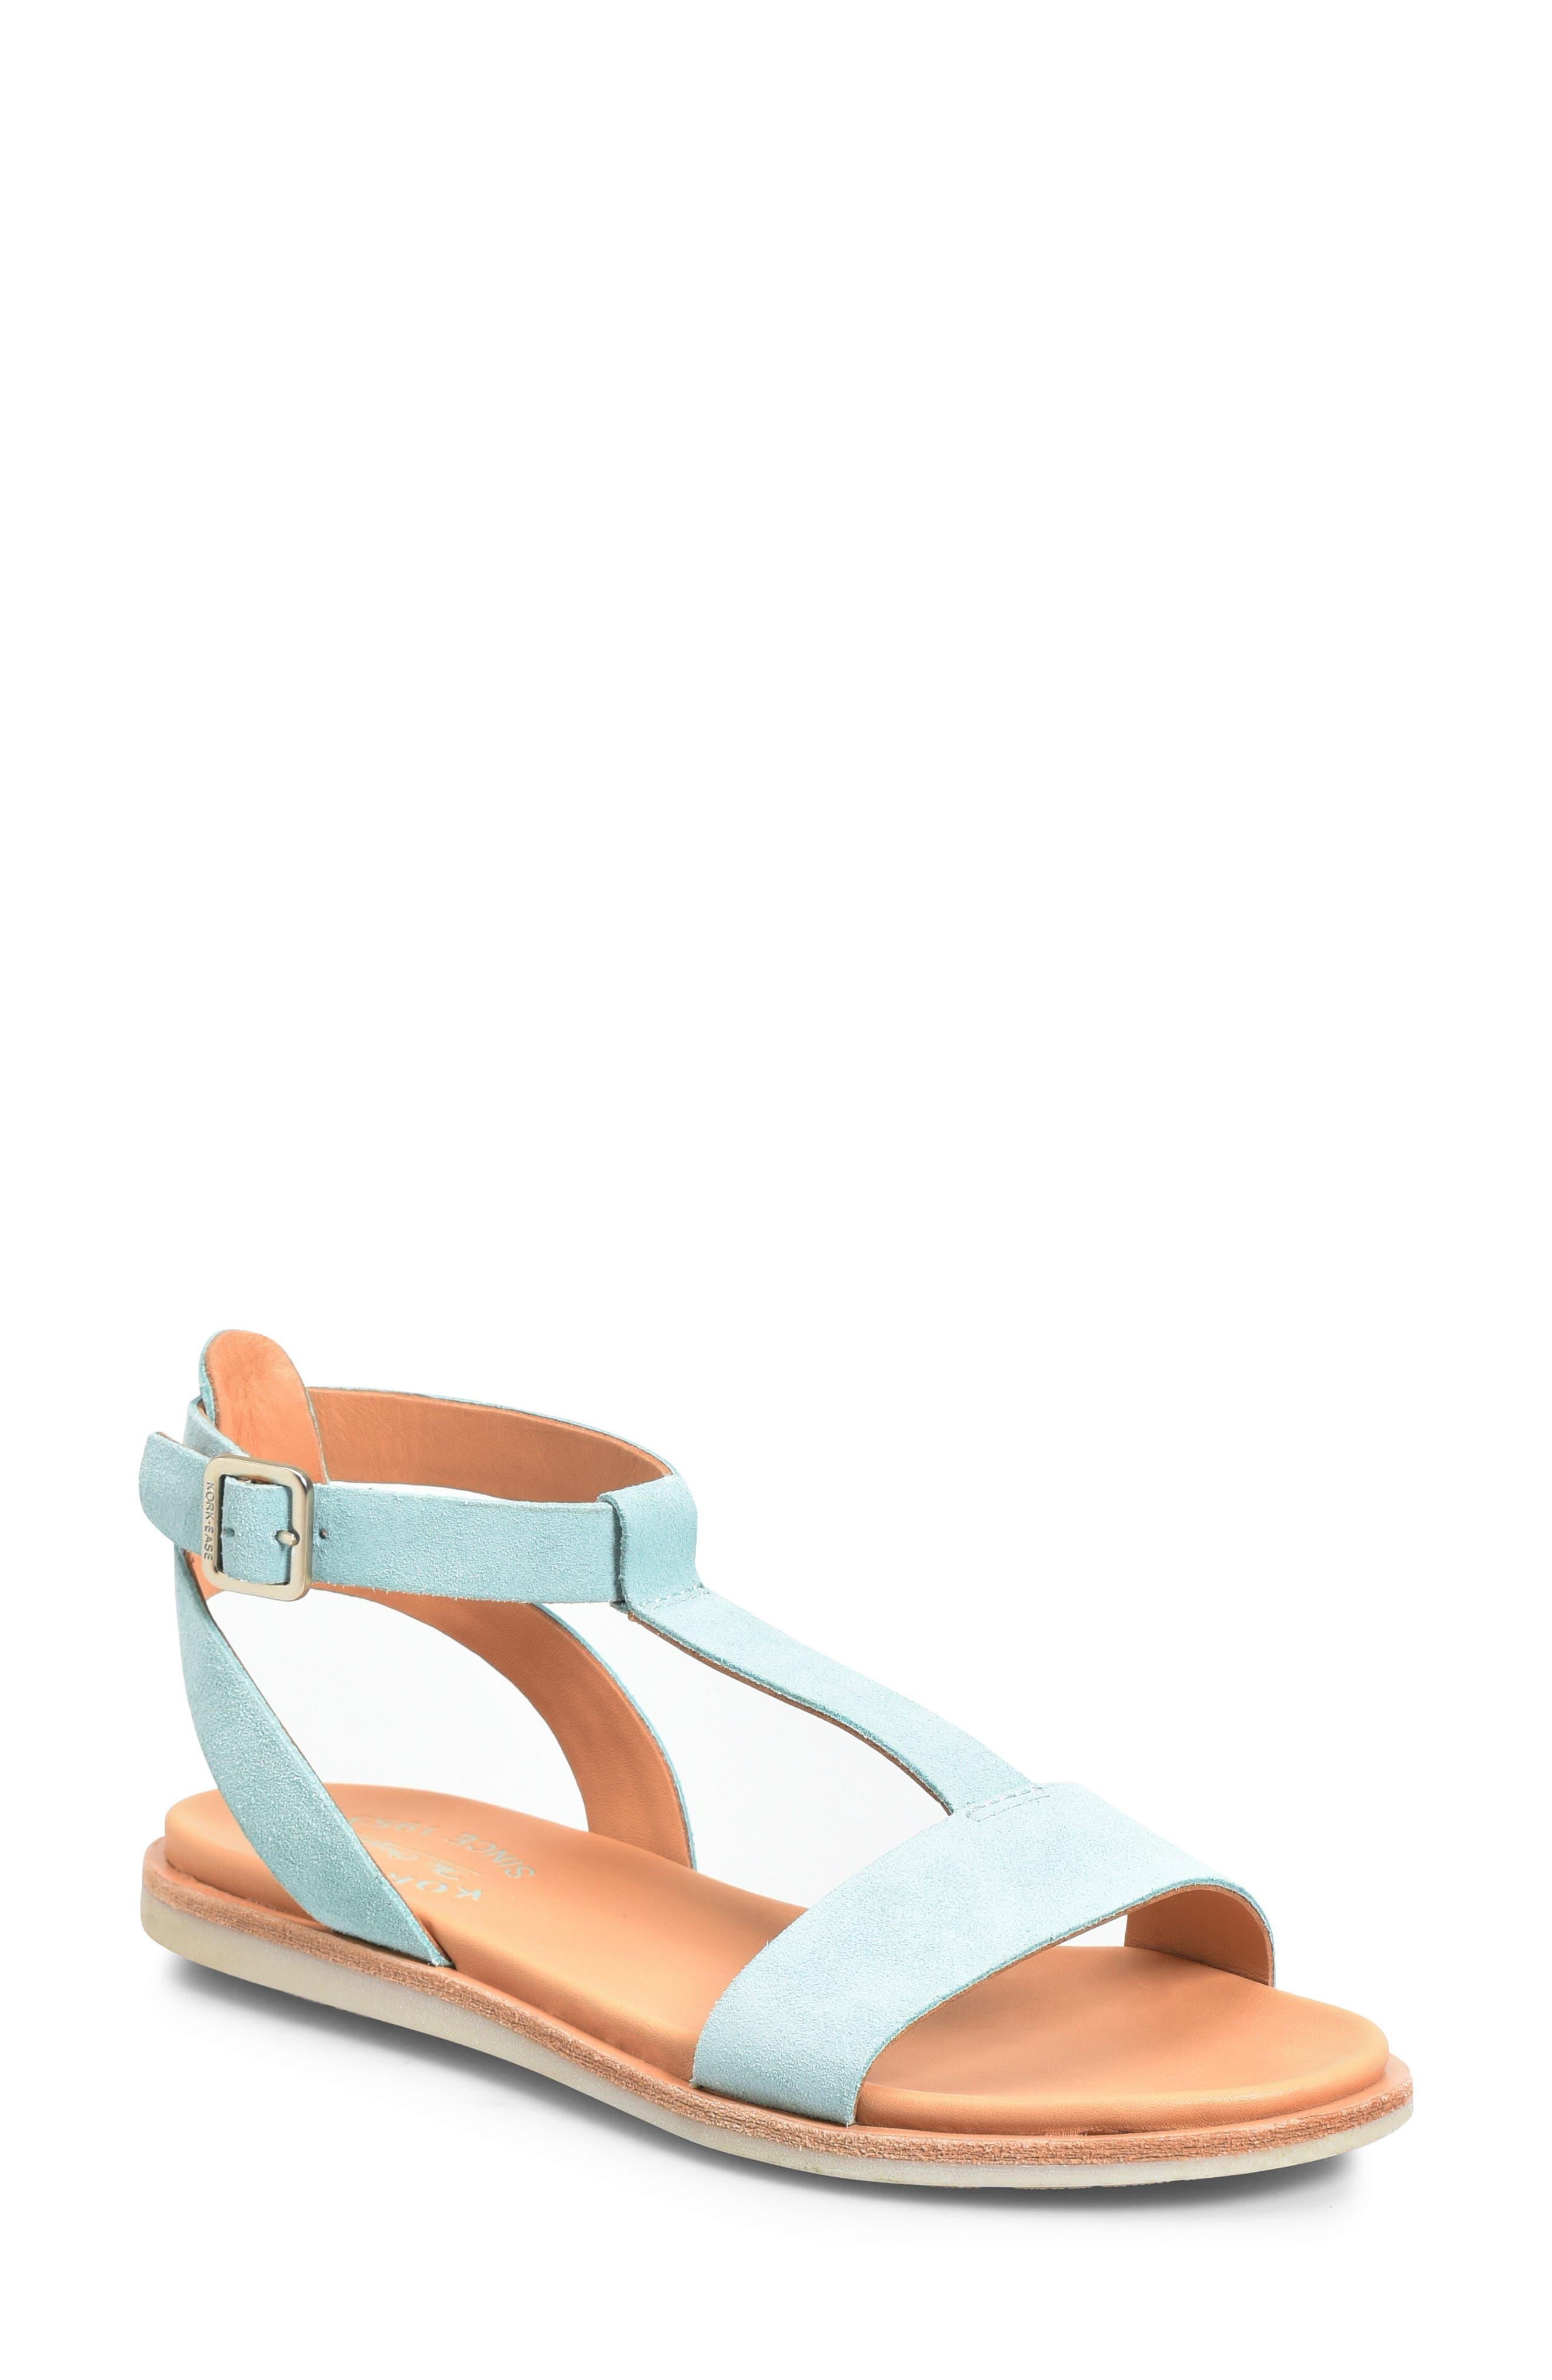 Kork-Ease Zukey T-Strap Sandal, Blue